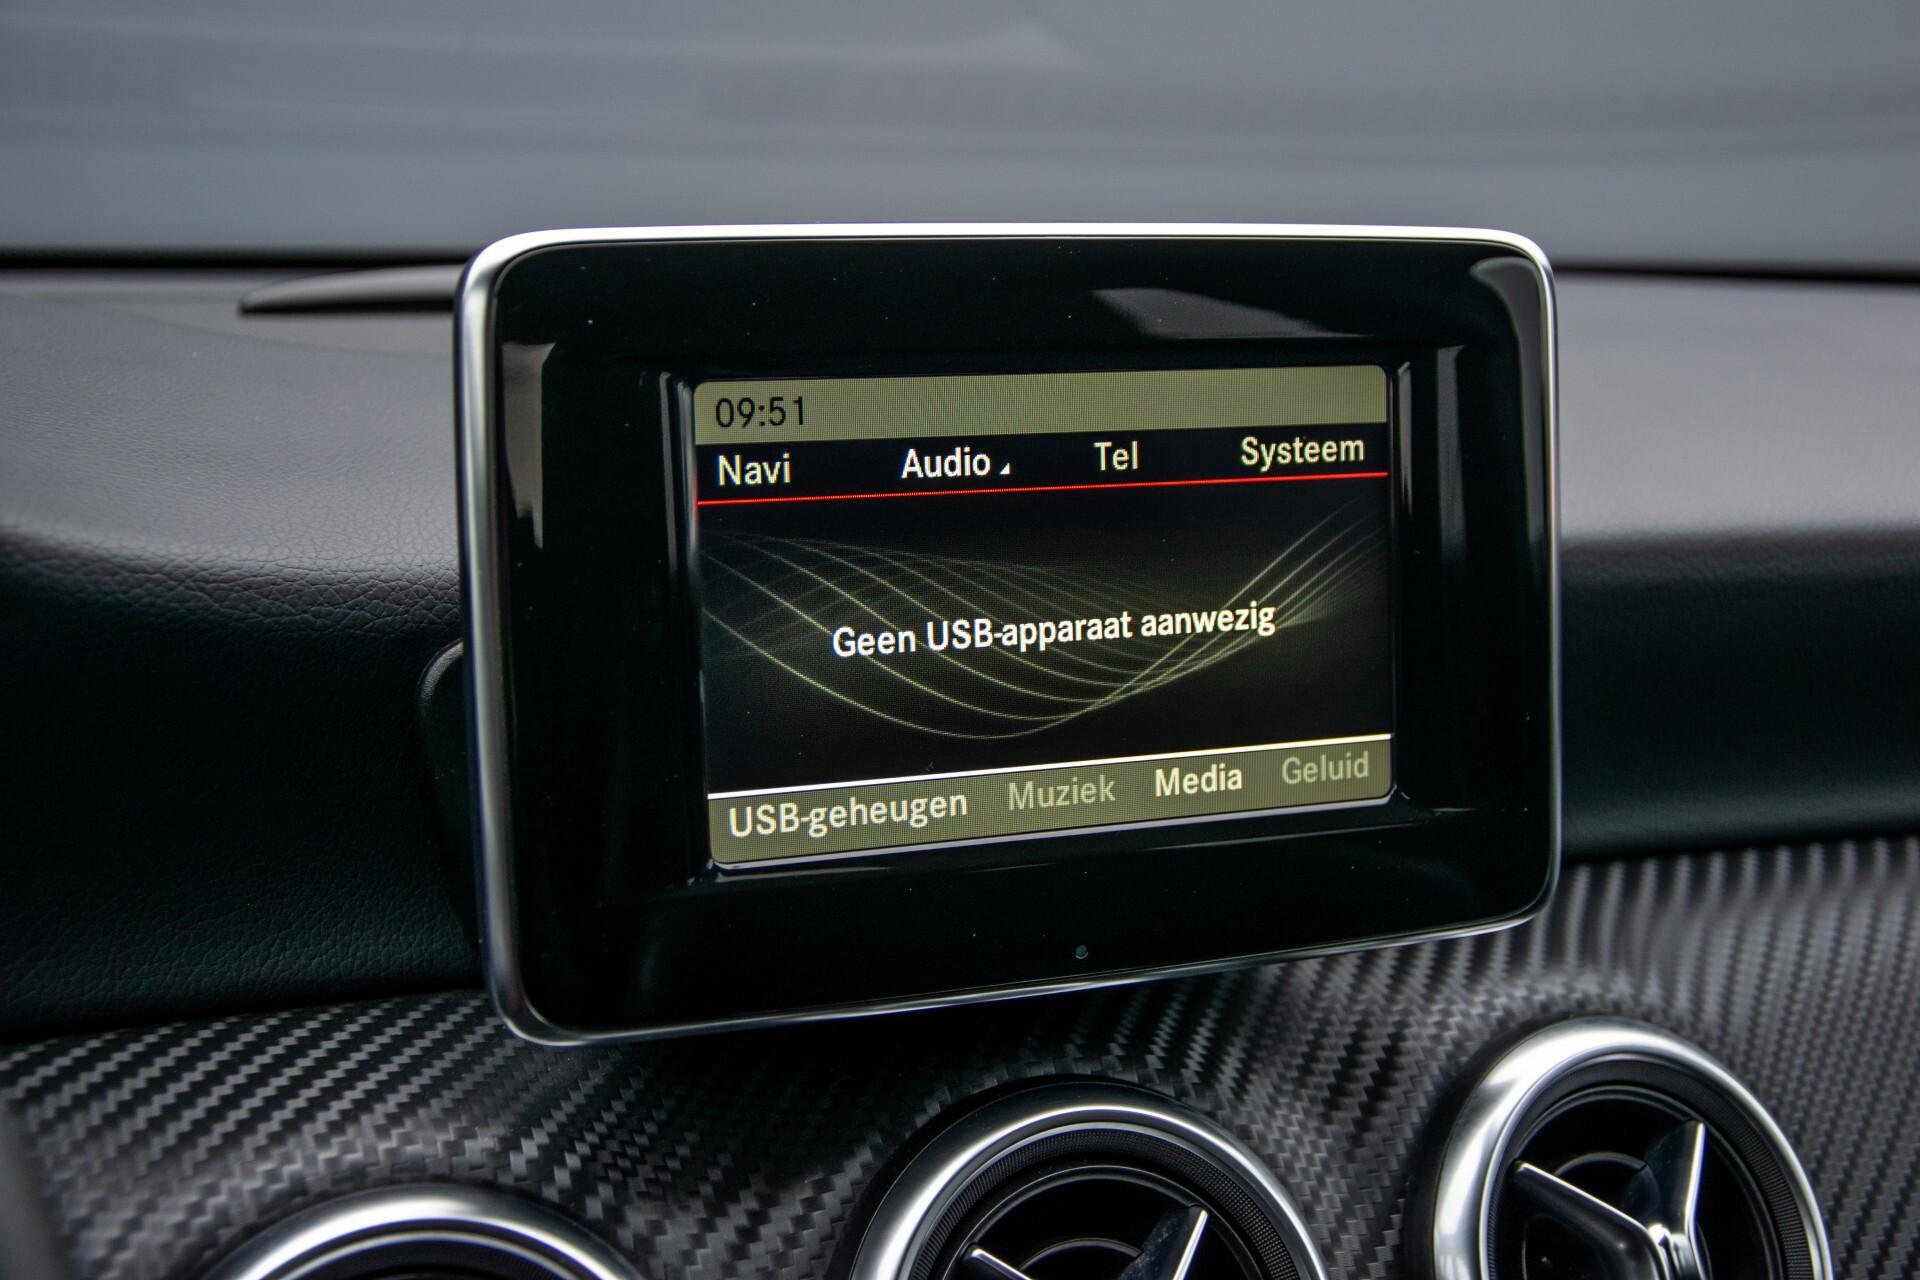 Mercedes-Benz A-Klasse 180 AMG Dynamic Handling/Camera/Xenon/Navi/Privacy Aut7 Foto 23